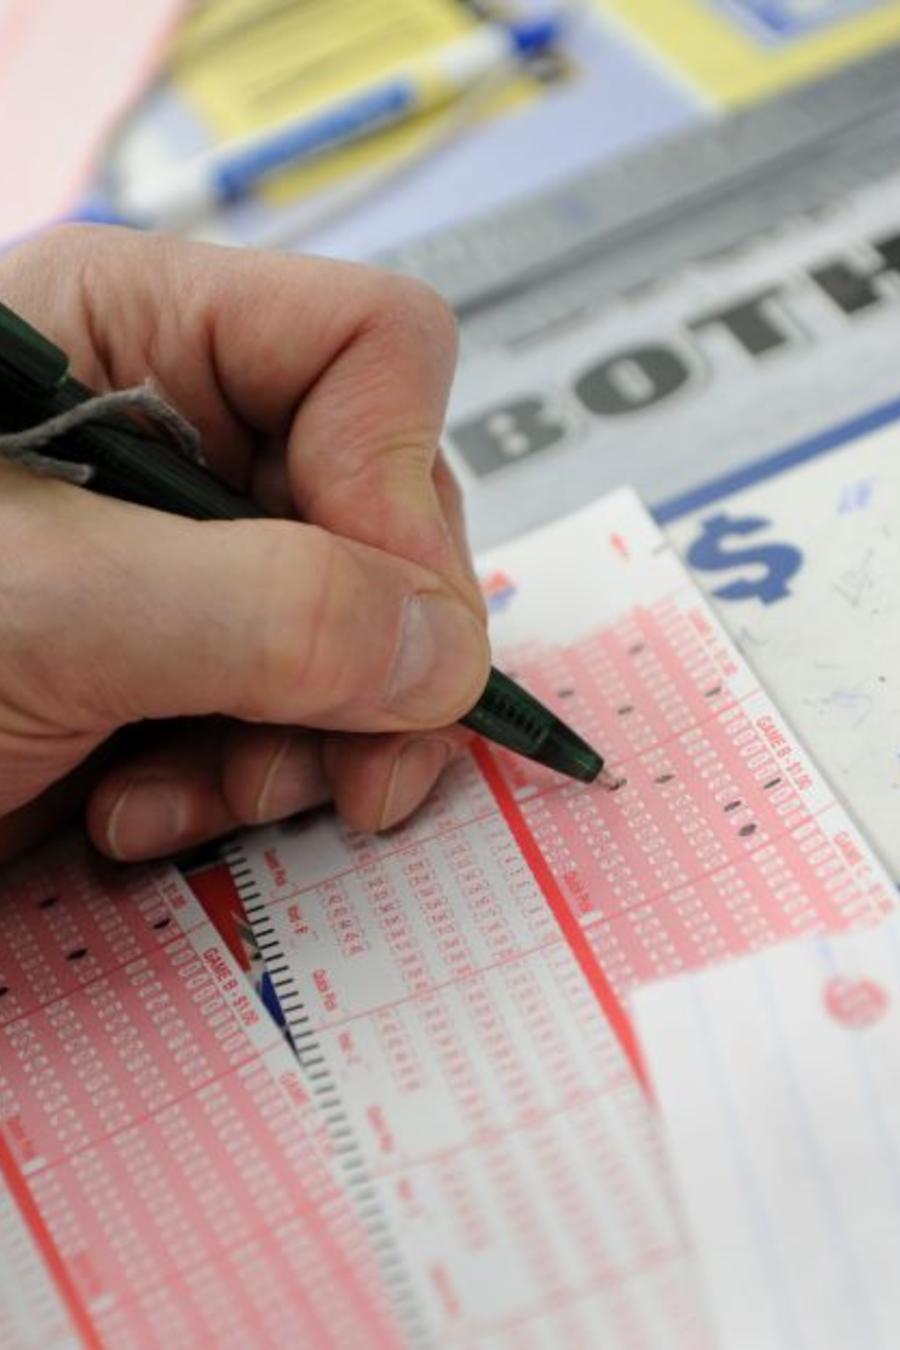 Gana lotería 2 veces con números que sueña